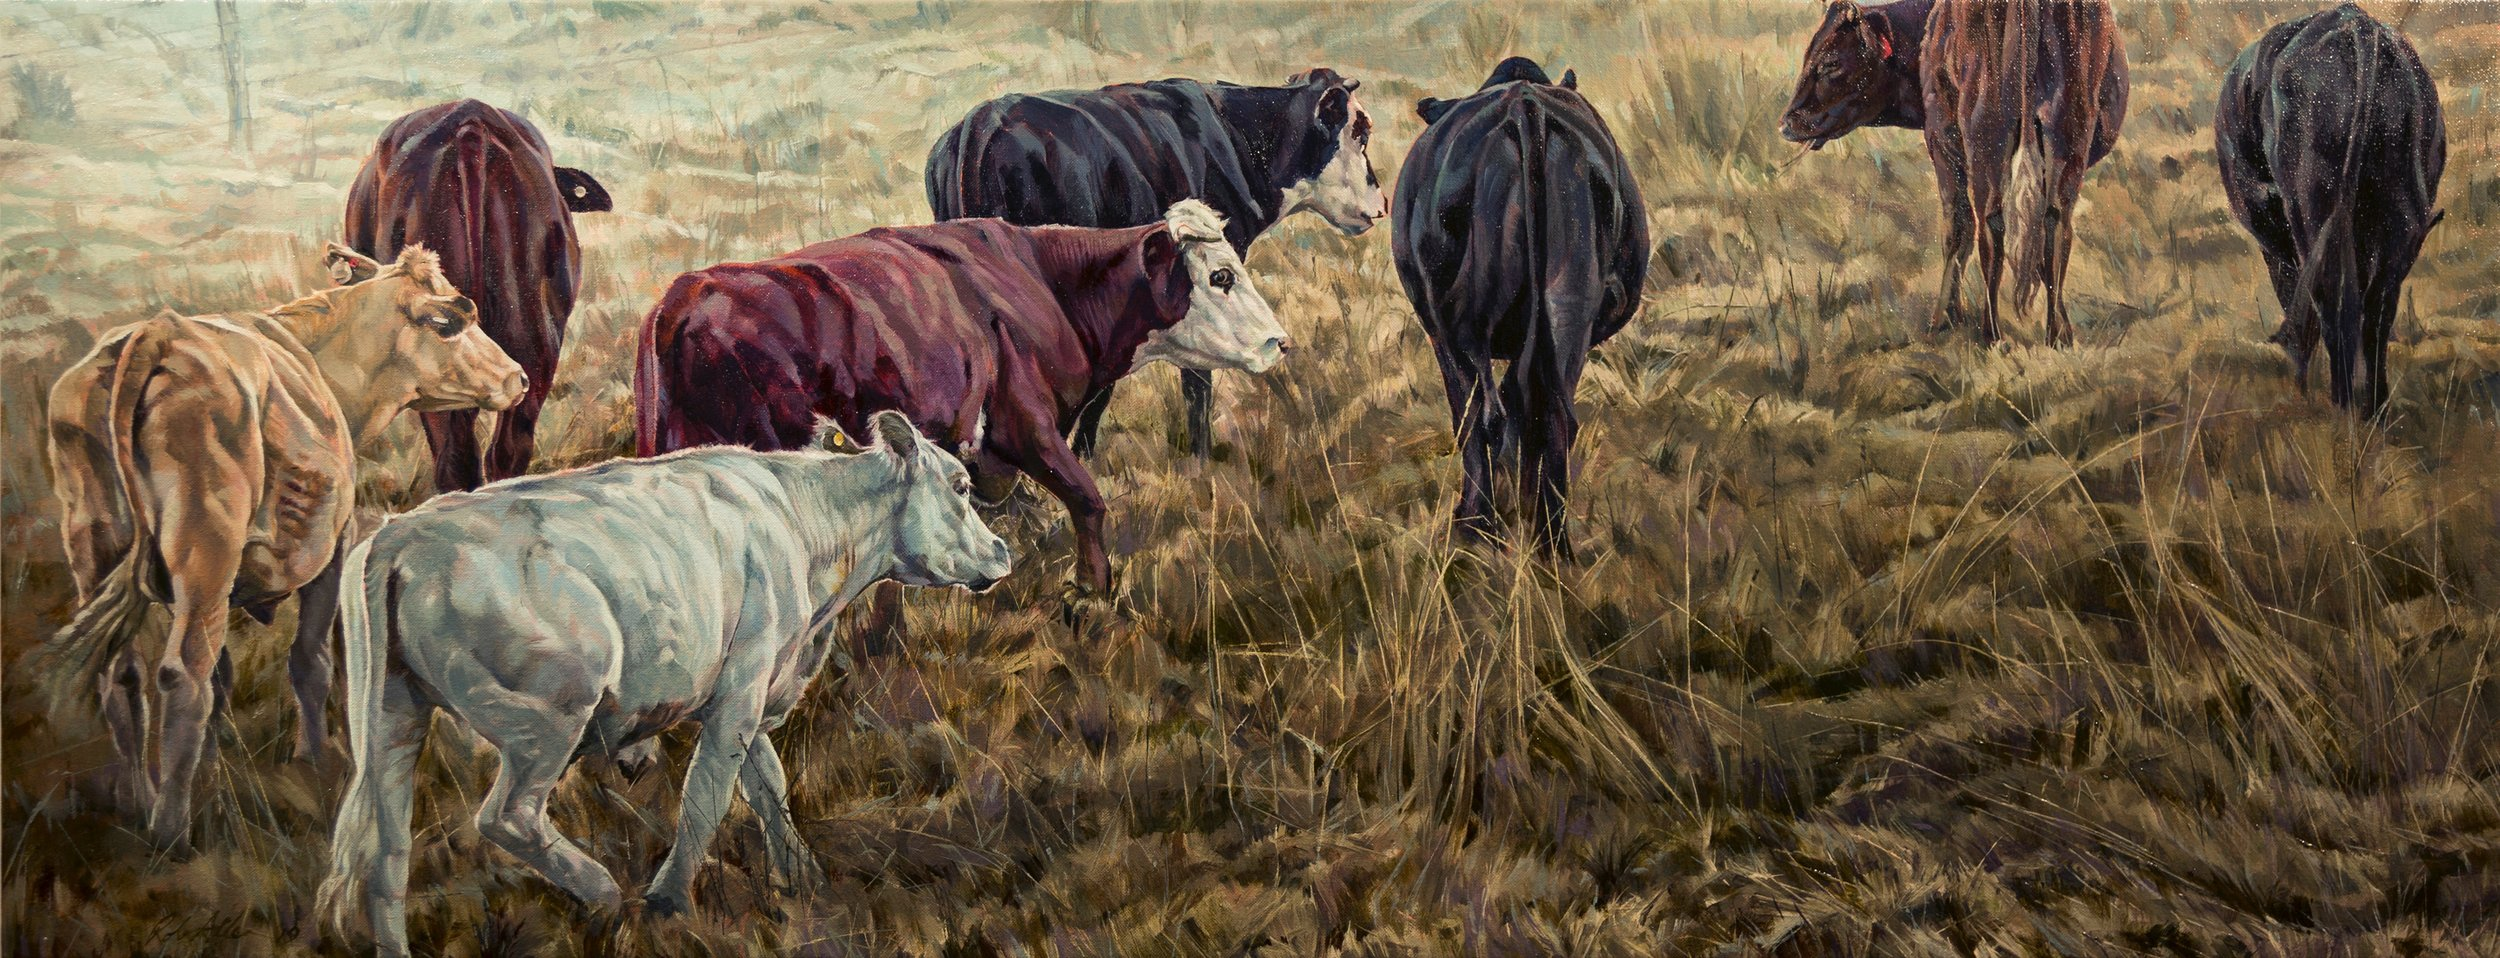 Rob Allen  The Liston Herd,  Oil on canvas